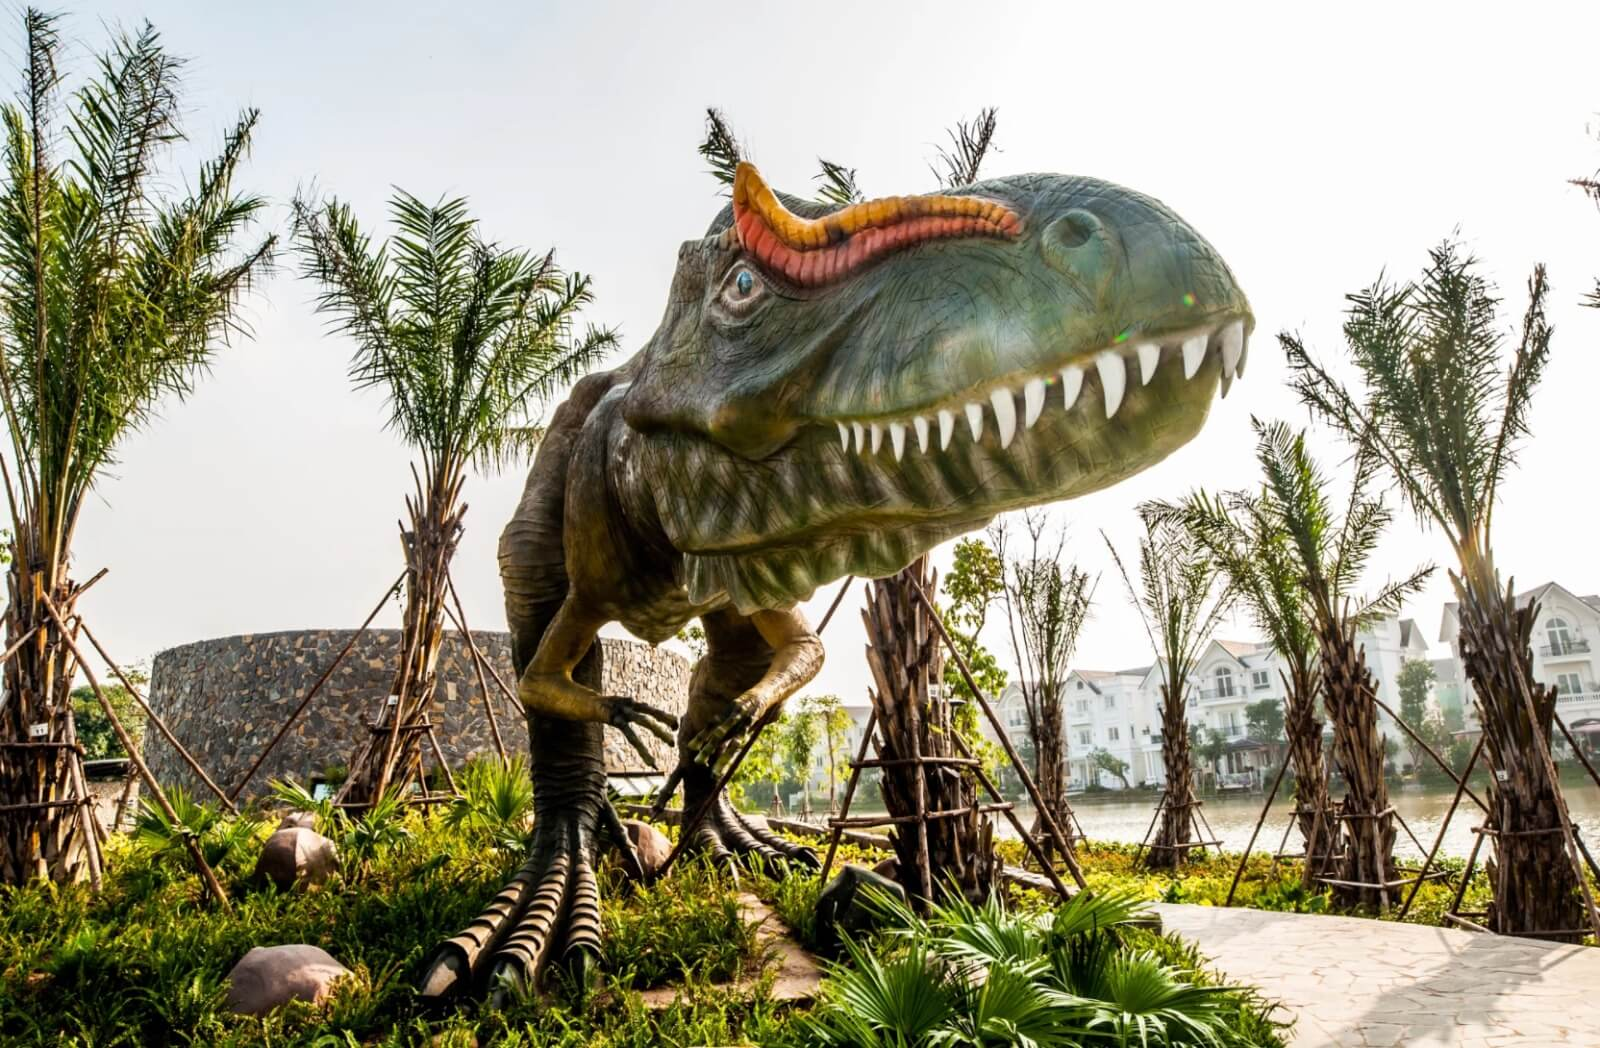 ارض الديناصورات في اسطنبول